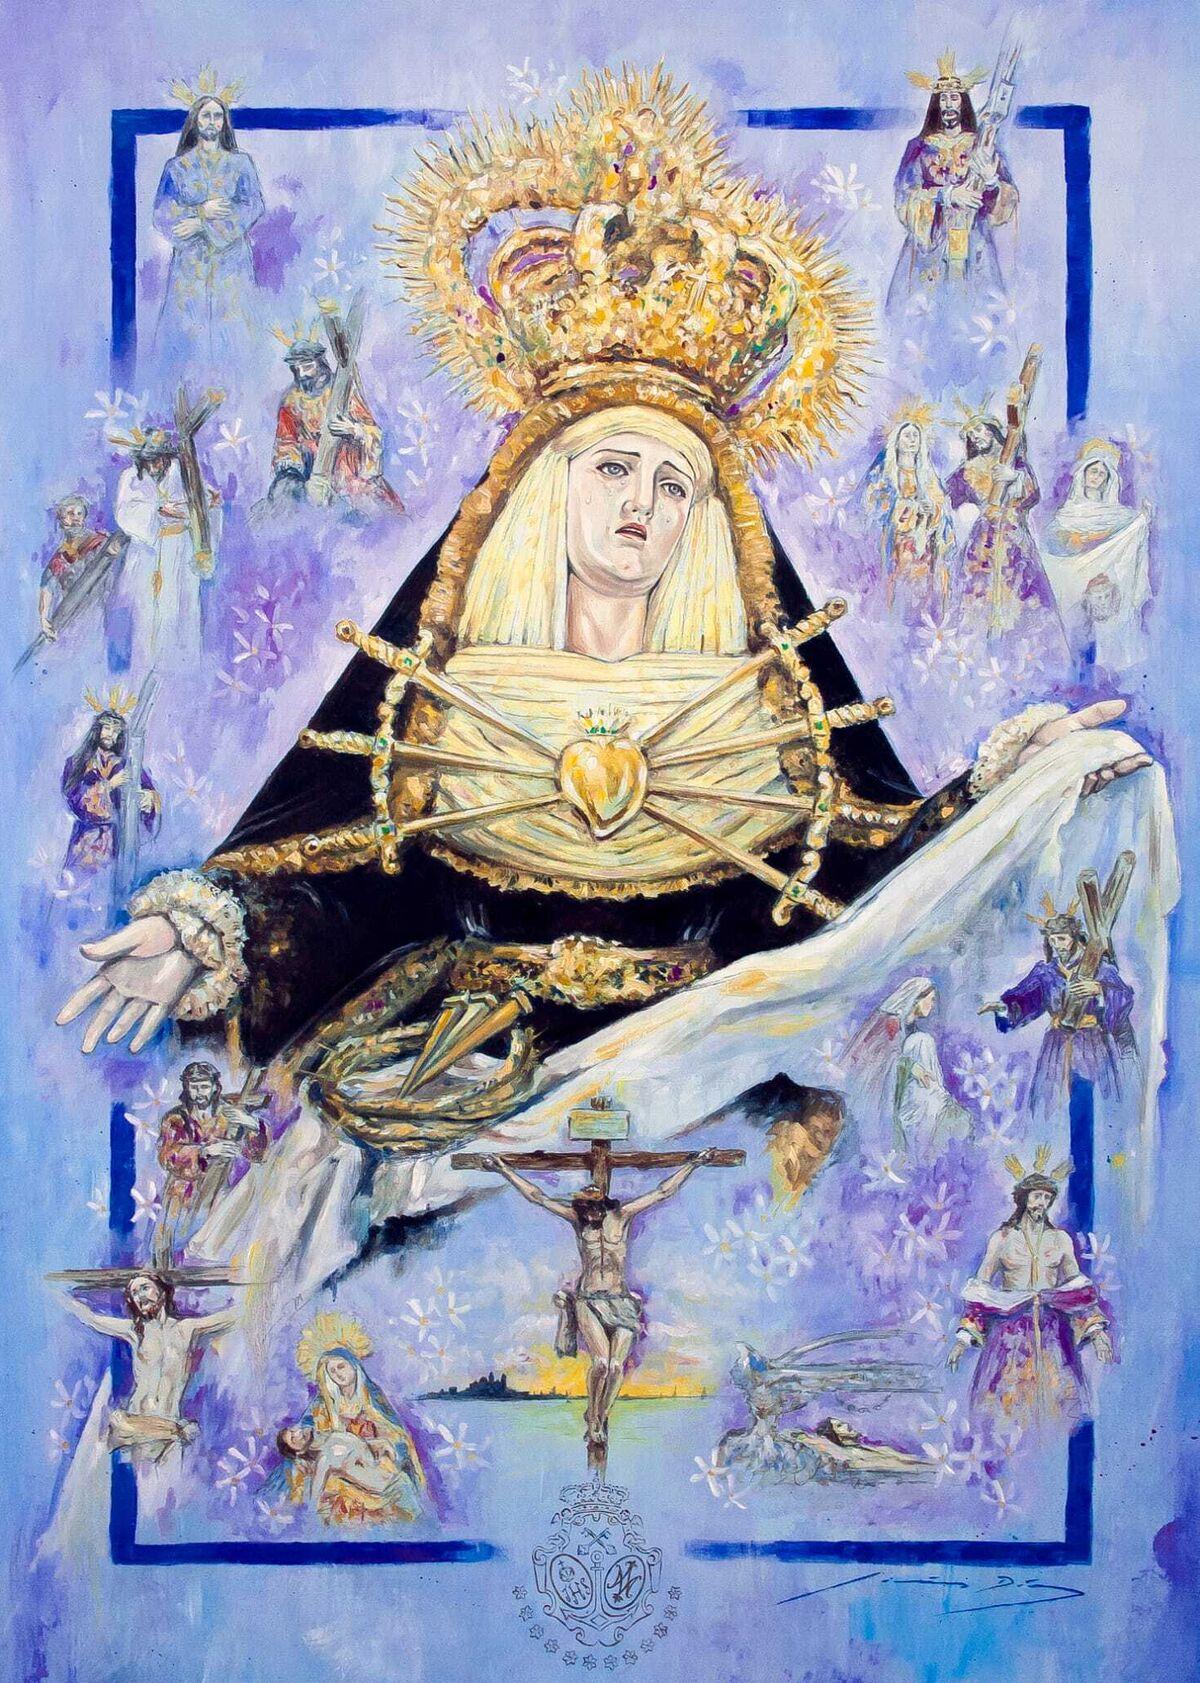 Cartel de la Semana Santa 2021 editado por la asociación Porta Coeli.